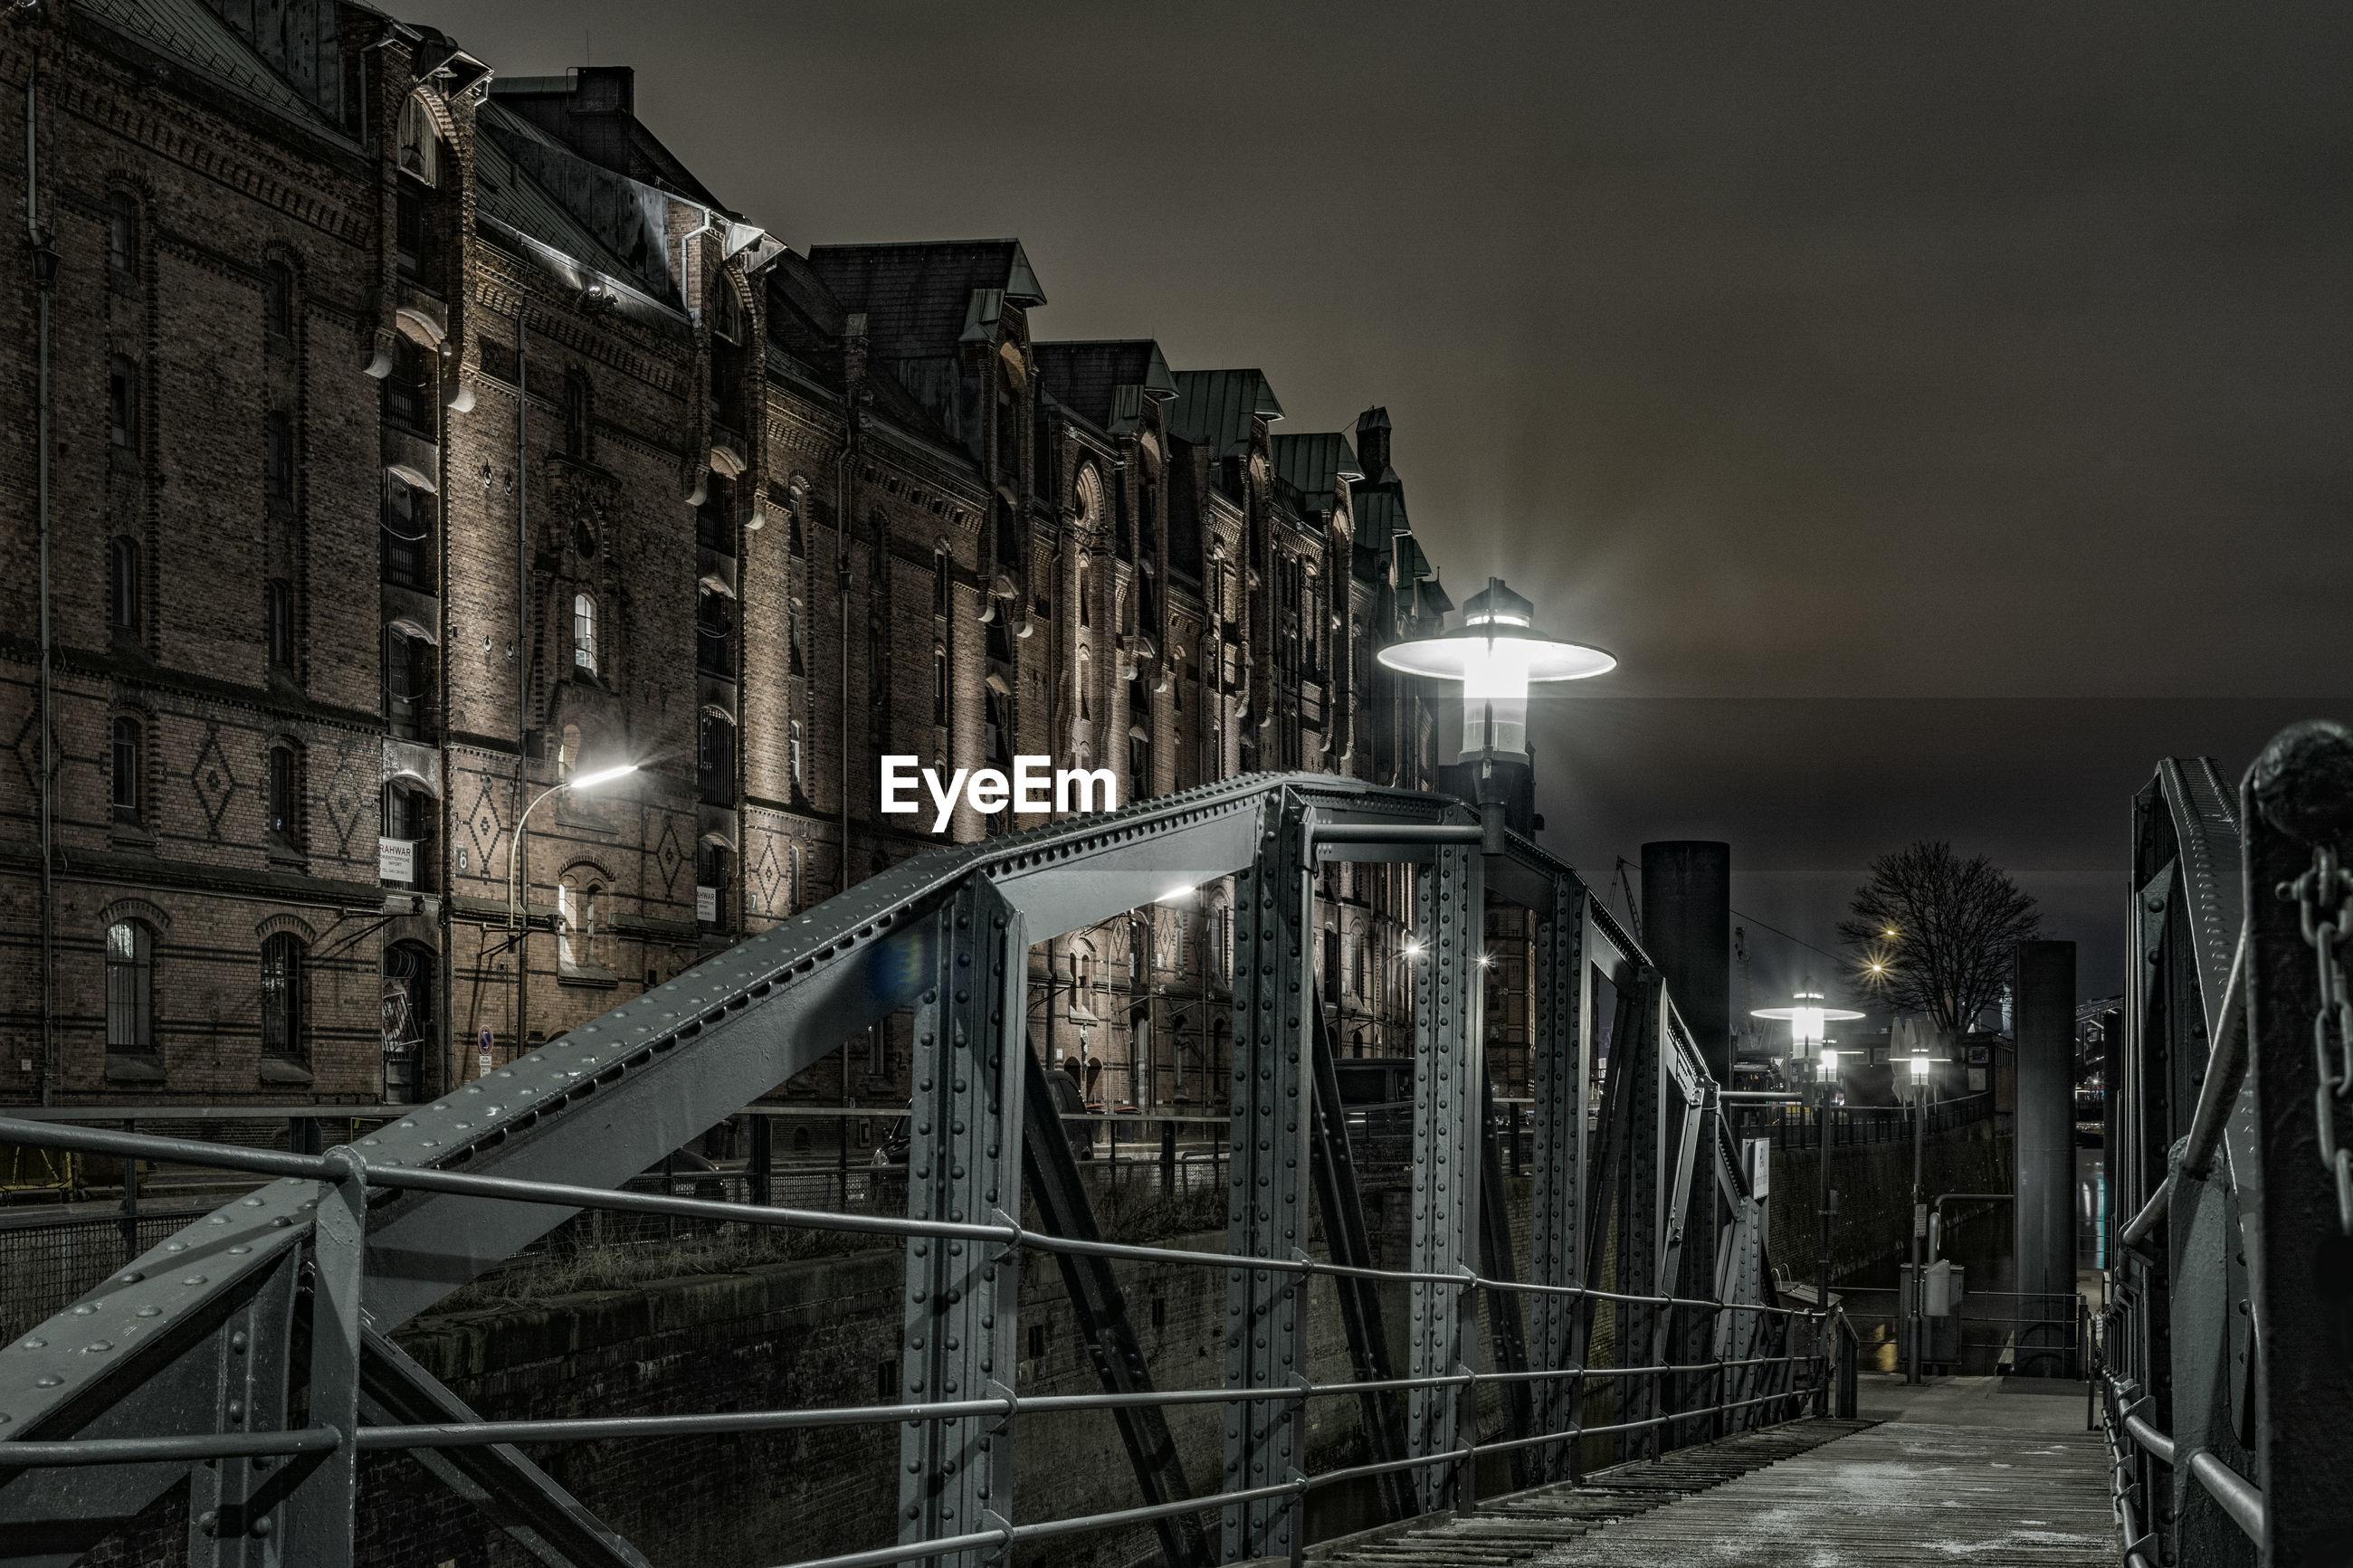 Footbridge by building at night